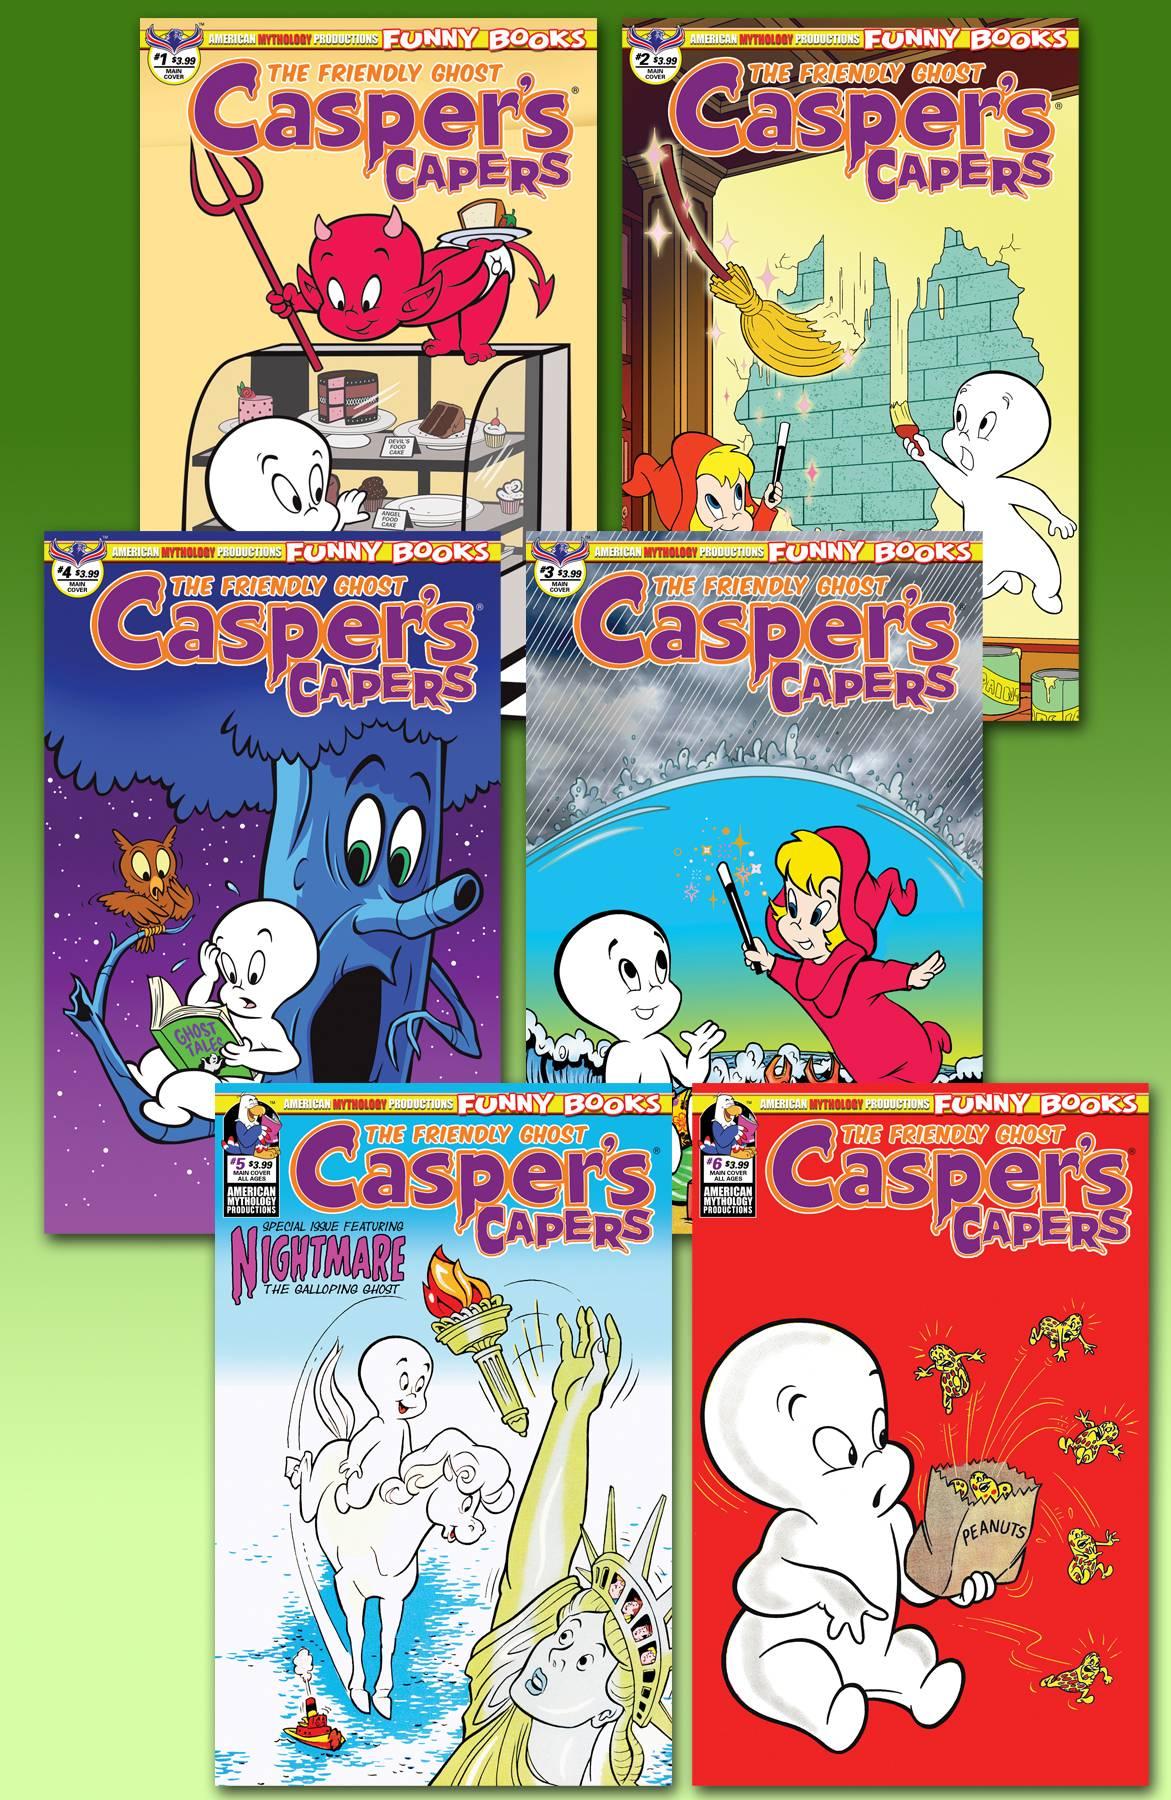 CASPER CAPERS READERS SET